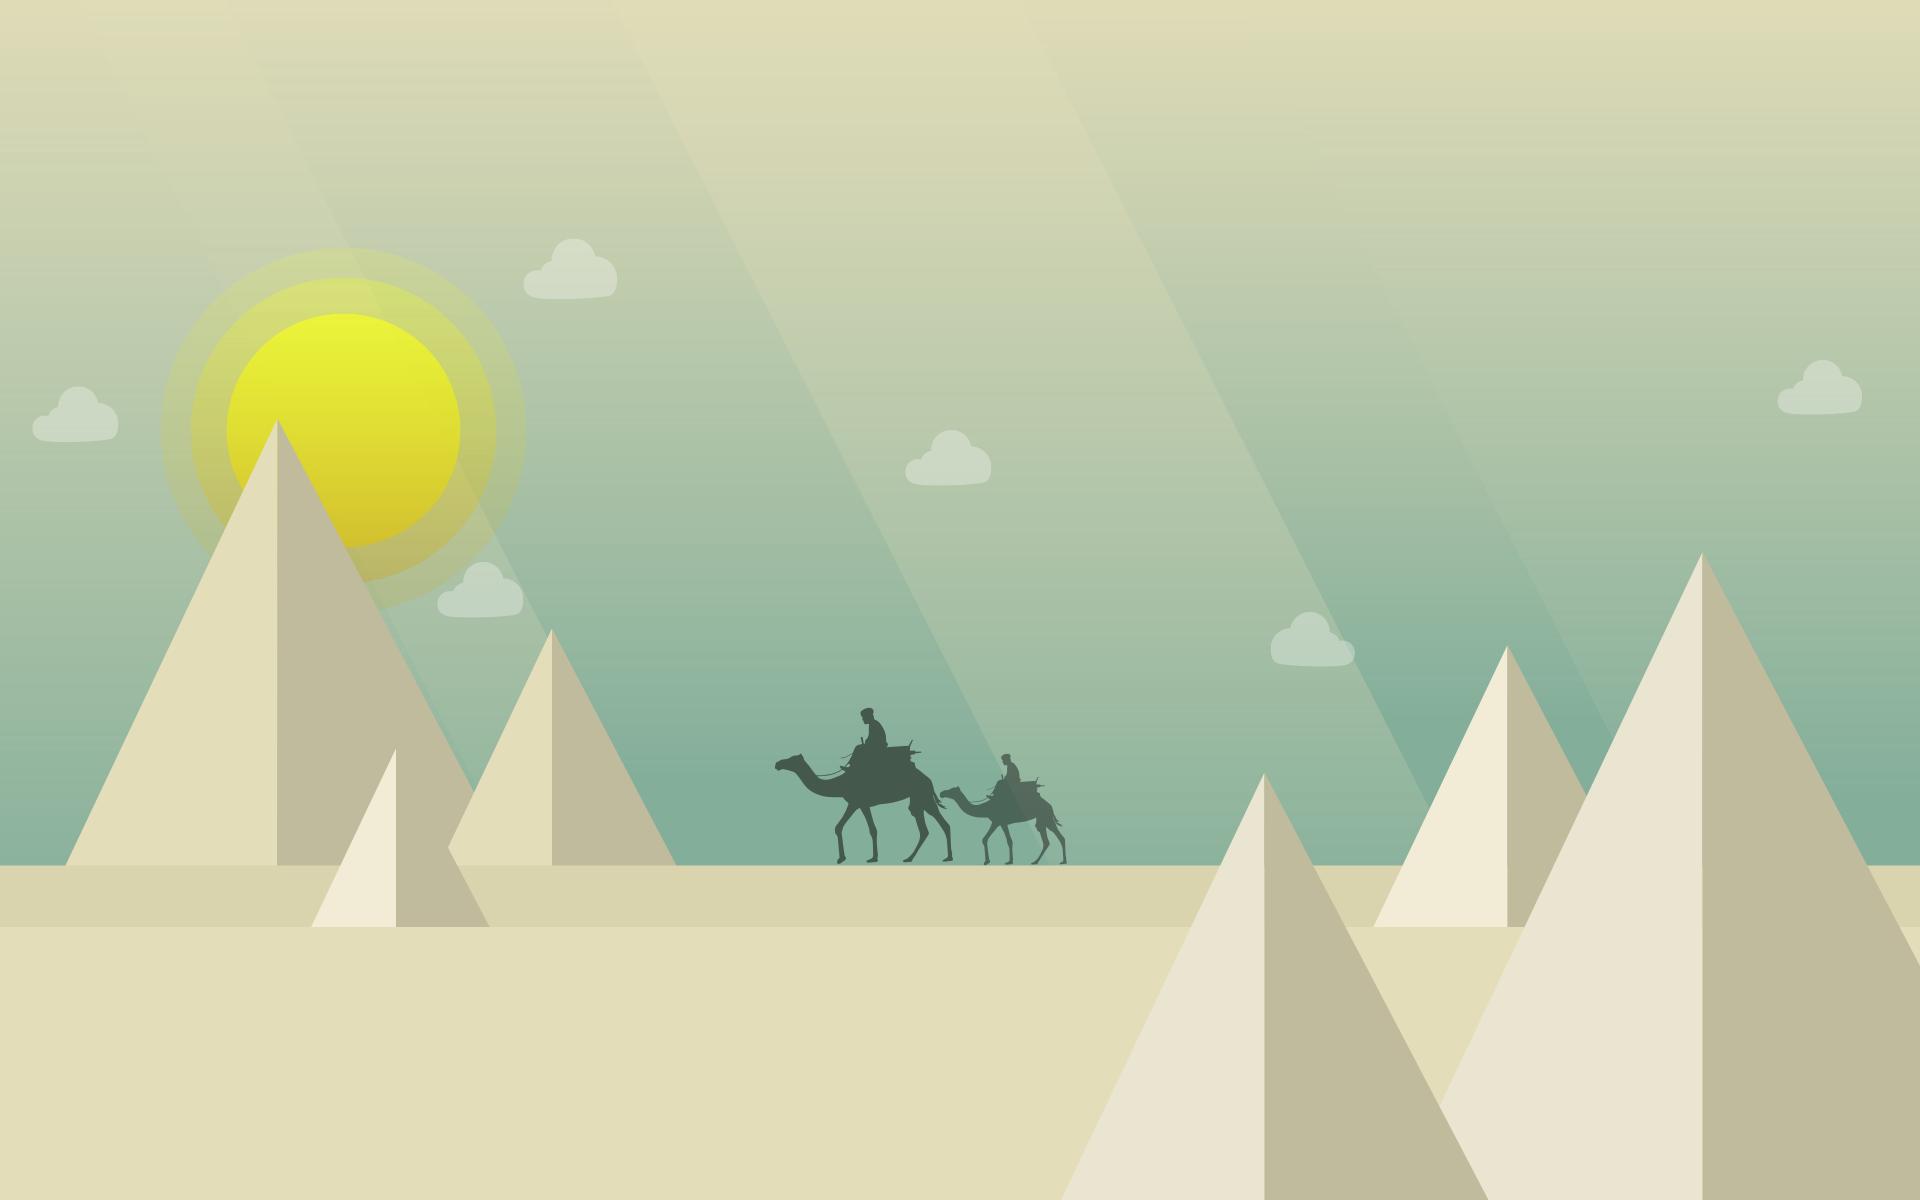 deserto, cammelli, Piramidi, Sole, nuvole - Sfondi HD - Professor-falken.com